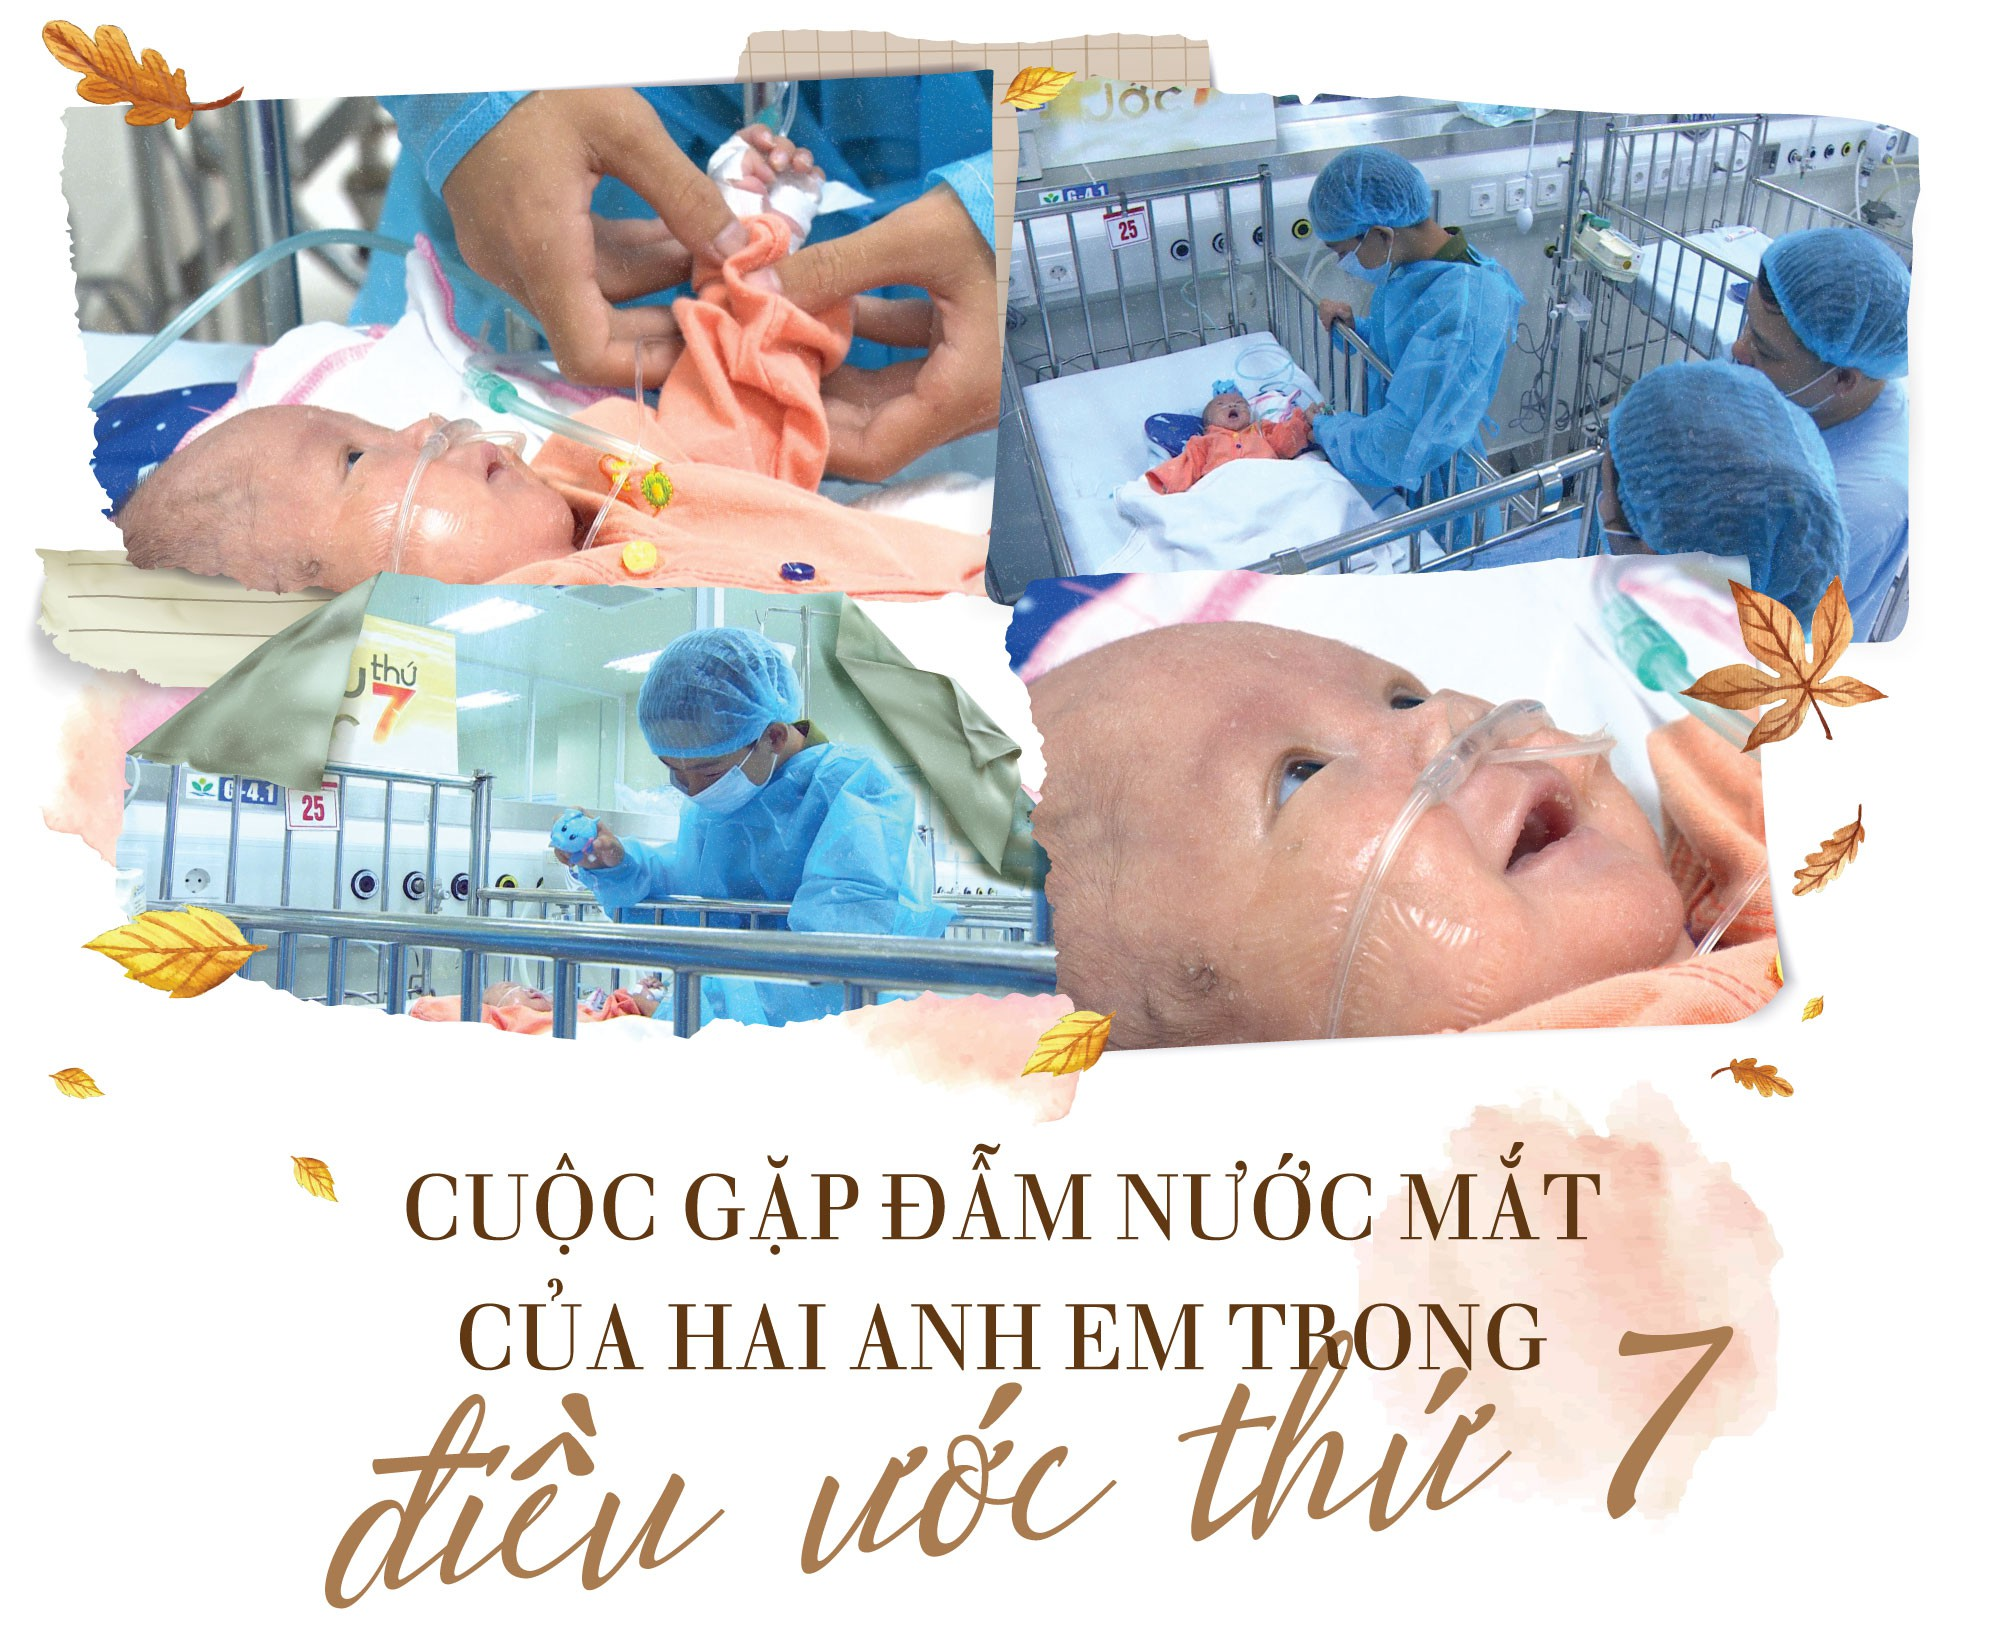 """VTV.vn - Cuộc gặp gỡ giữa hai anh em có bố mẹ chết trong vụ cháy Đê La  Thành trong chương trình """"Điều ước thứ 7"""" đã gây xúc động mạnh trong ..."""